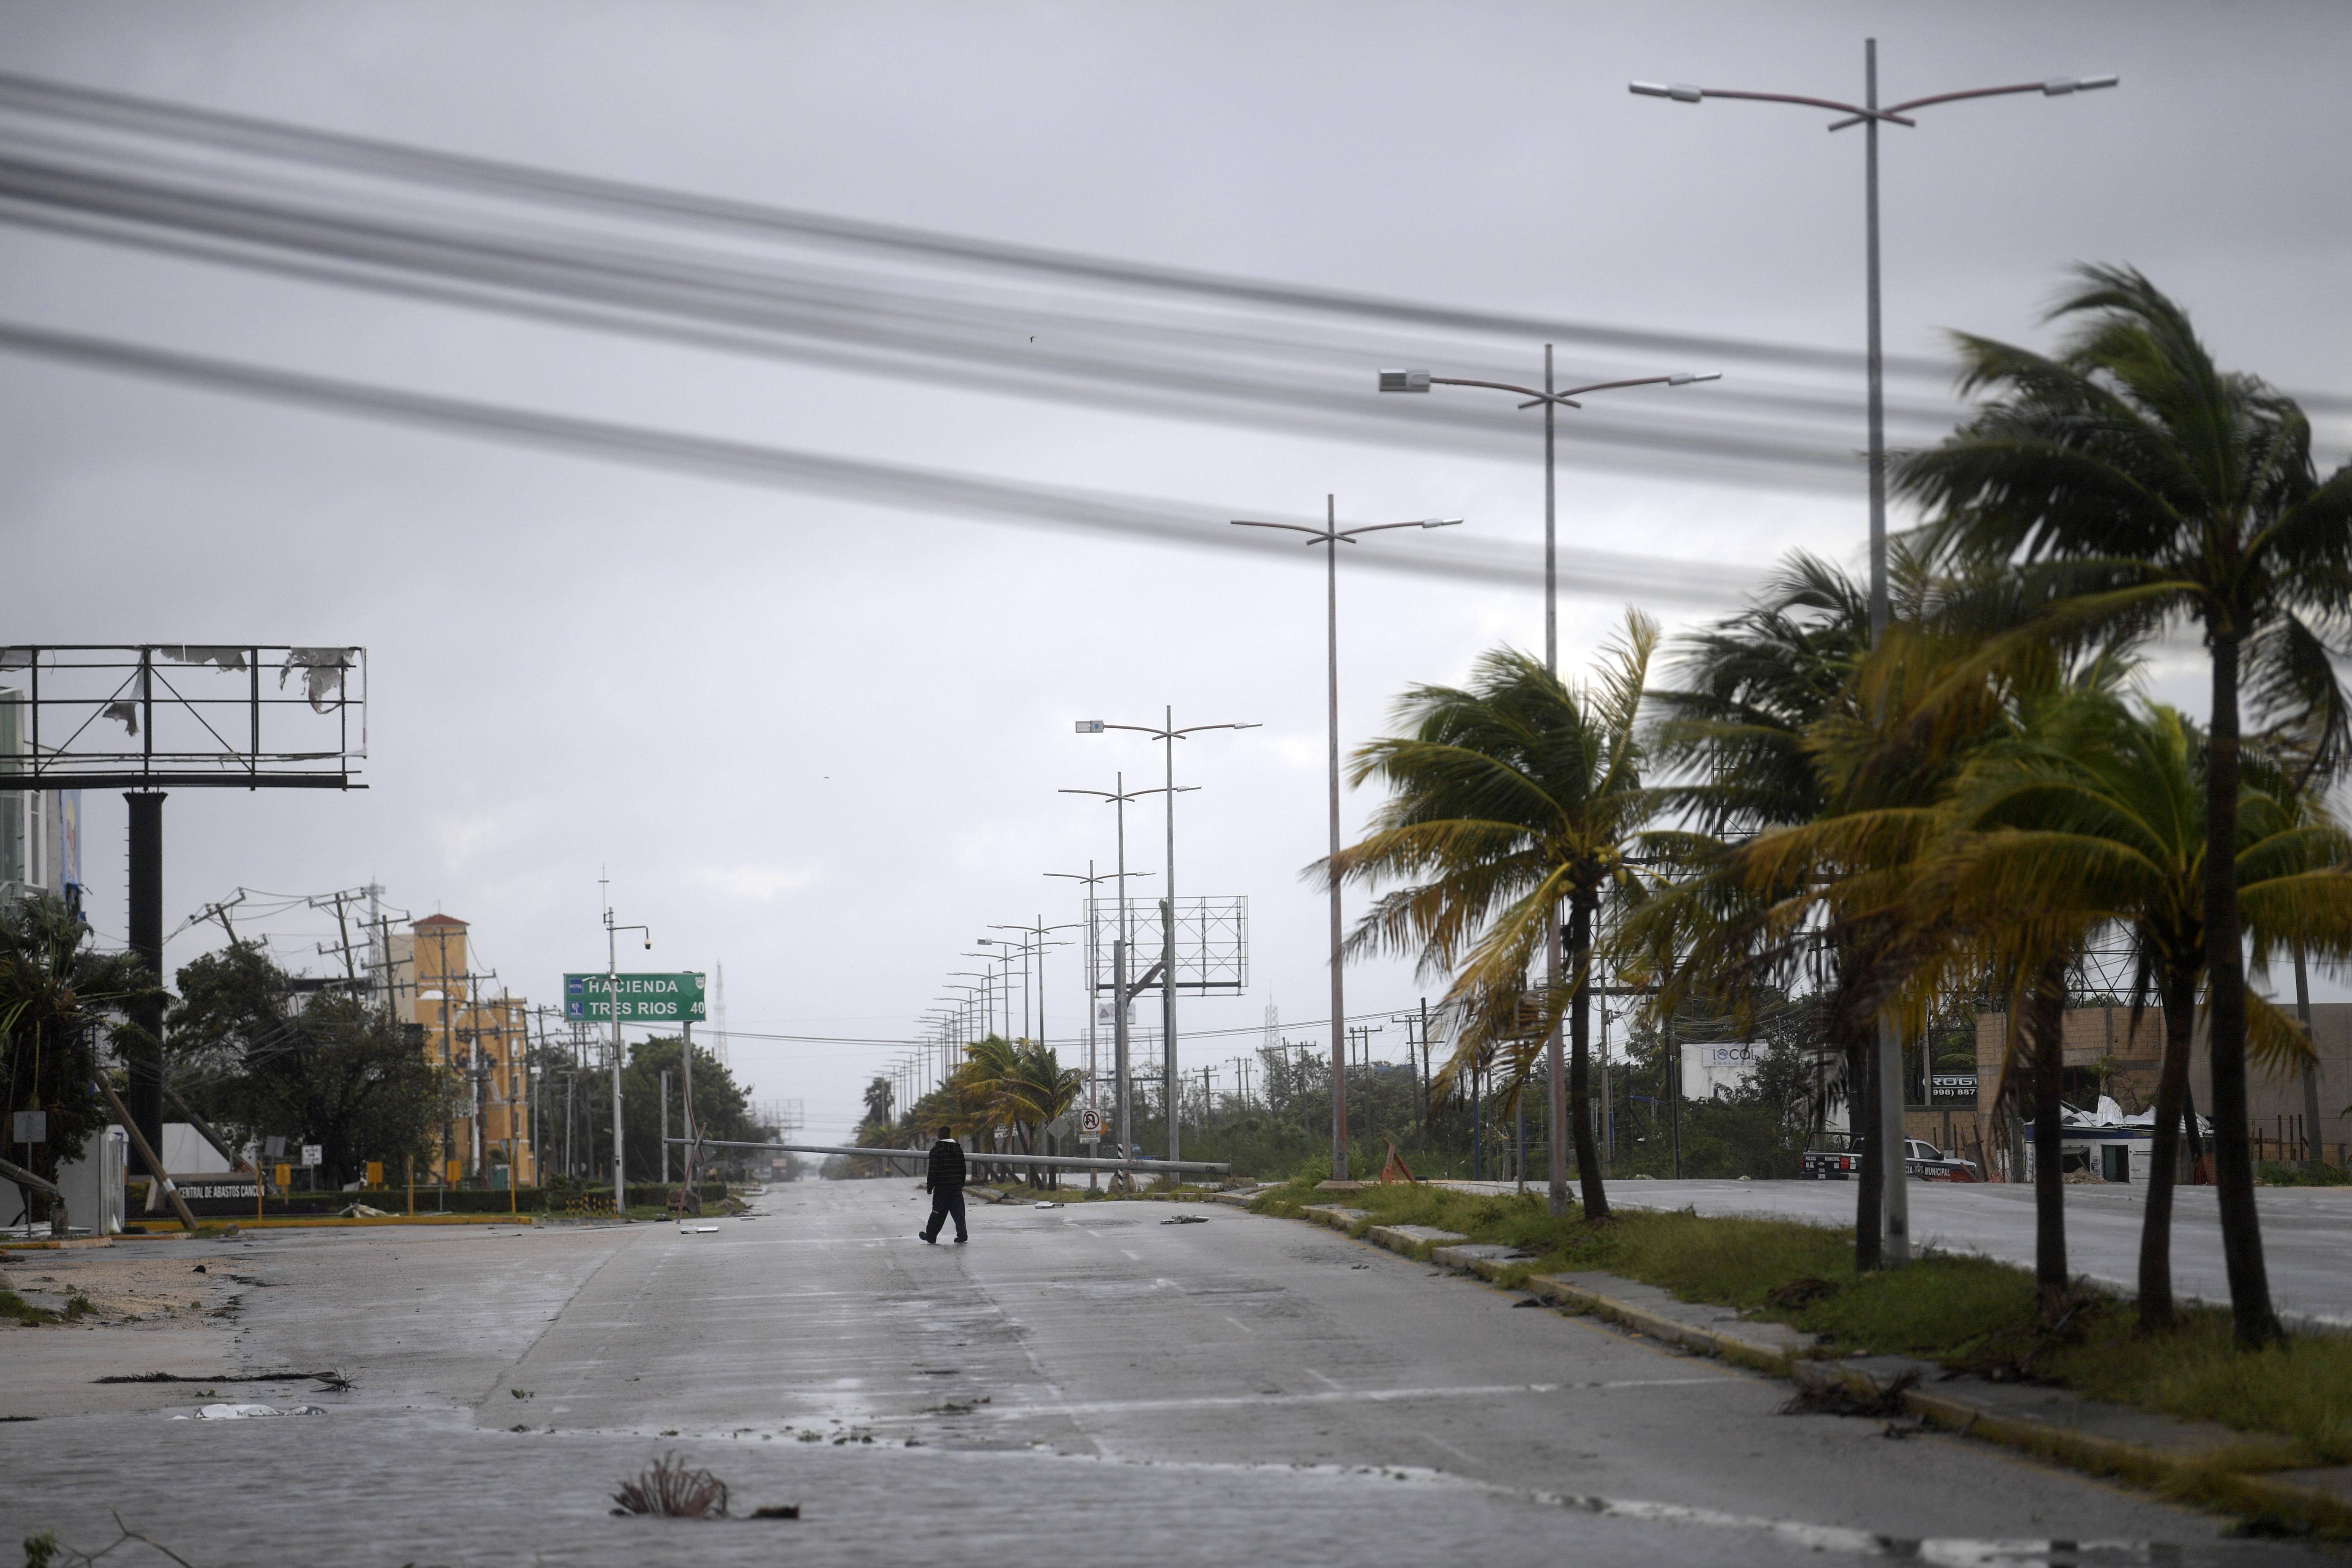 Un hombre camina por una carretera dañada tras el paso del huracán Delta en Cancún, estado de Quintana Roo, México, el 7 de octubre de 2020.